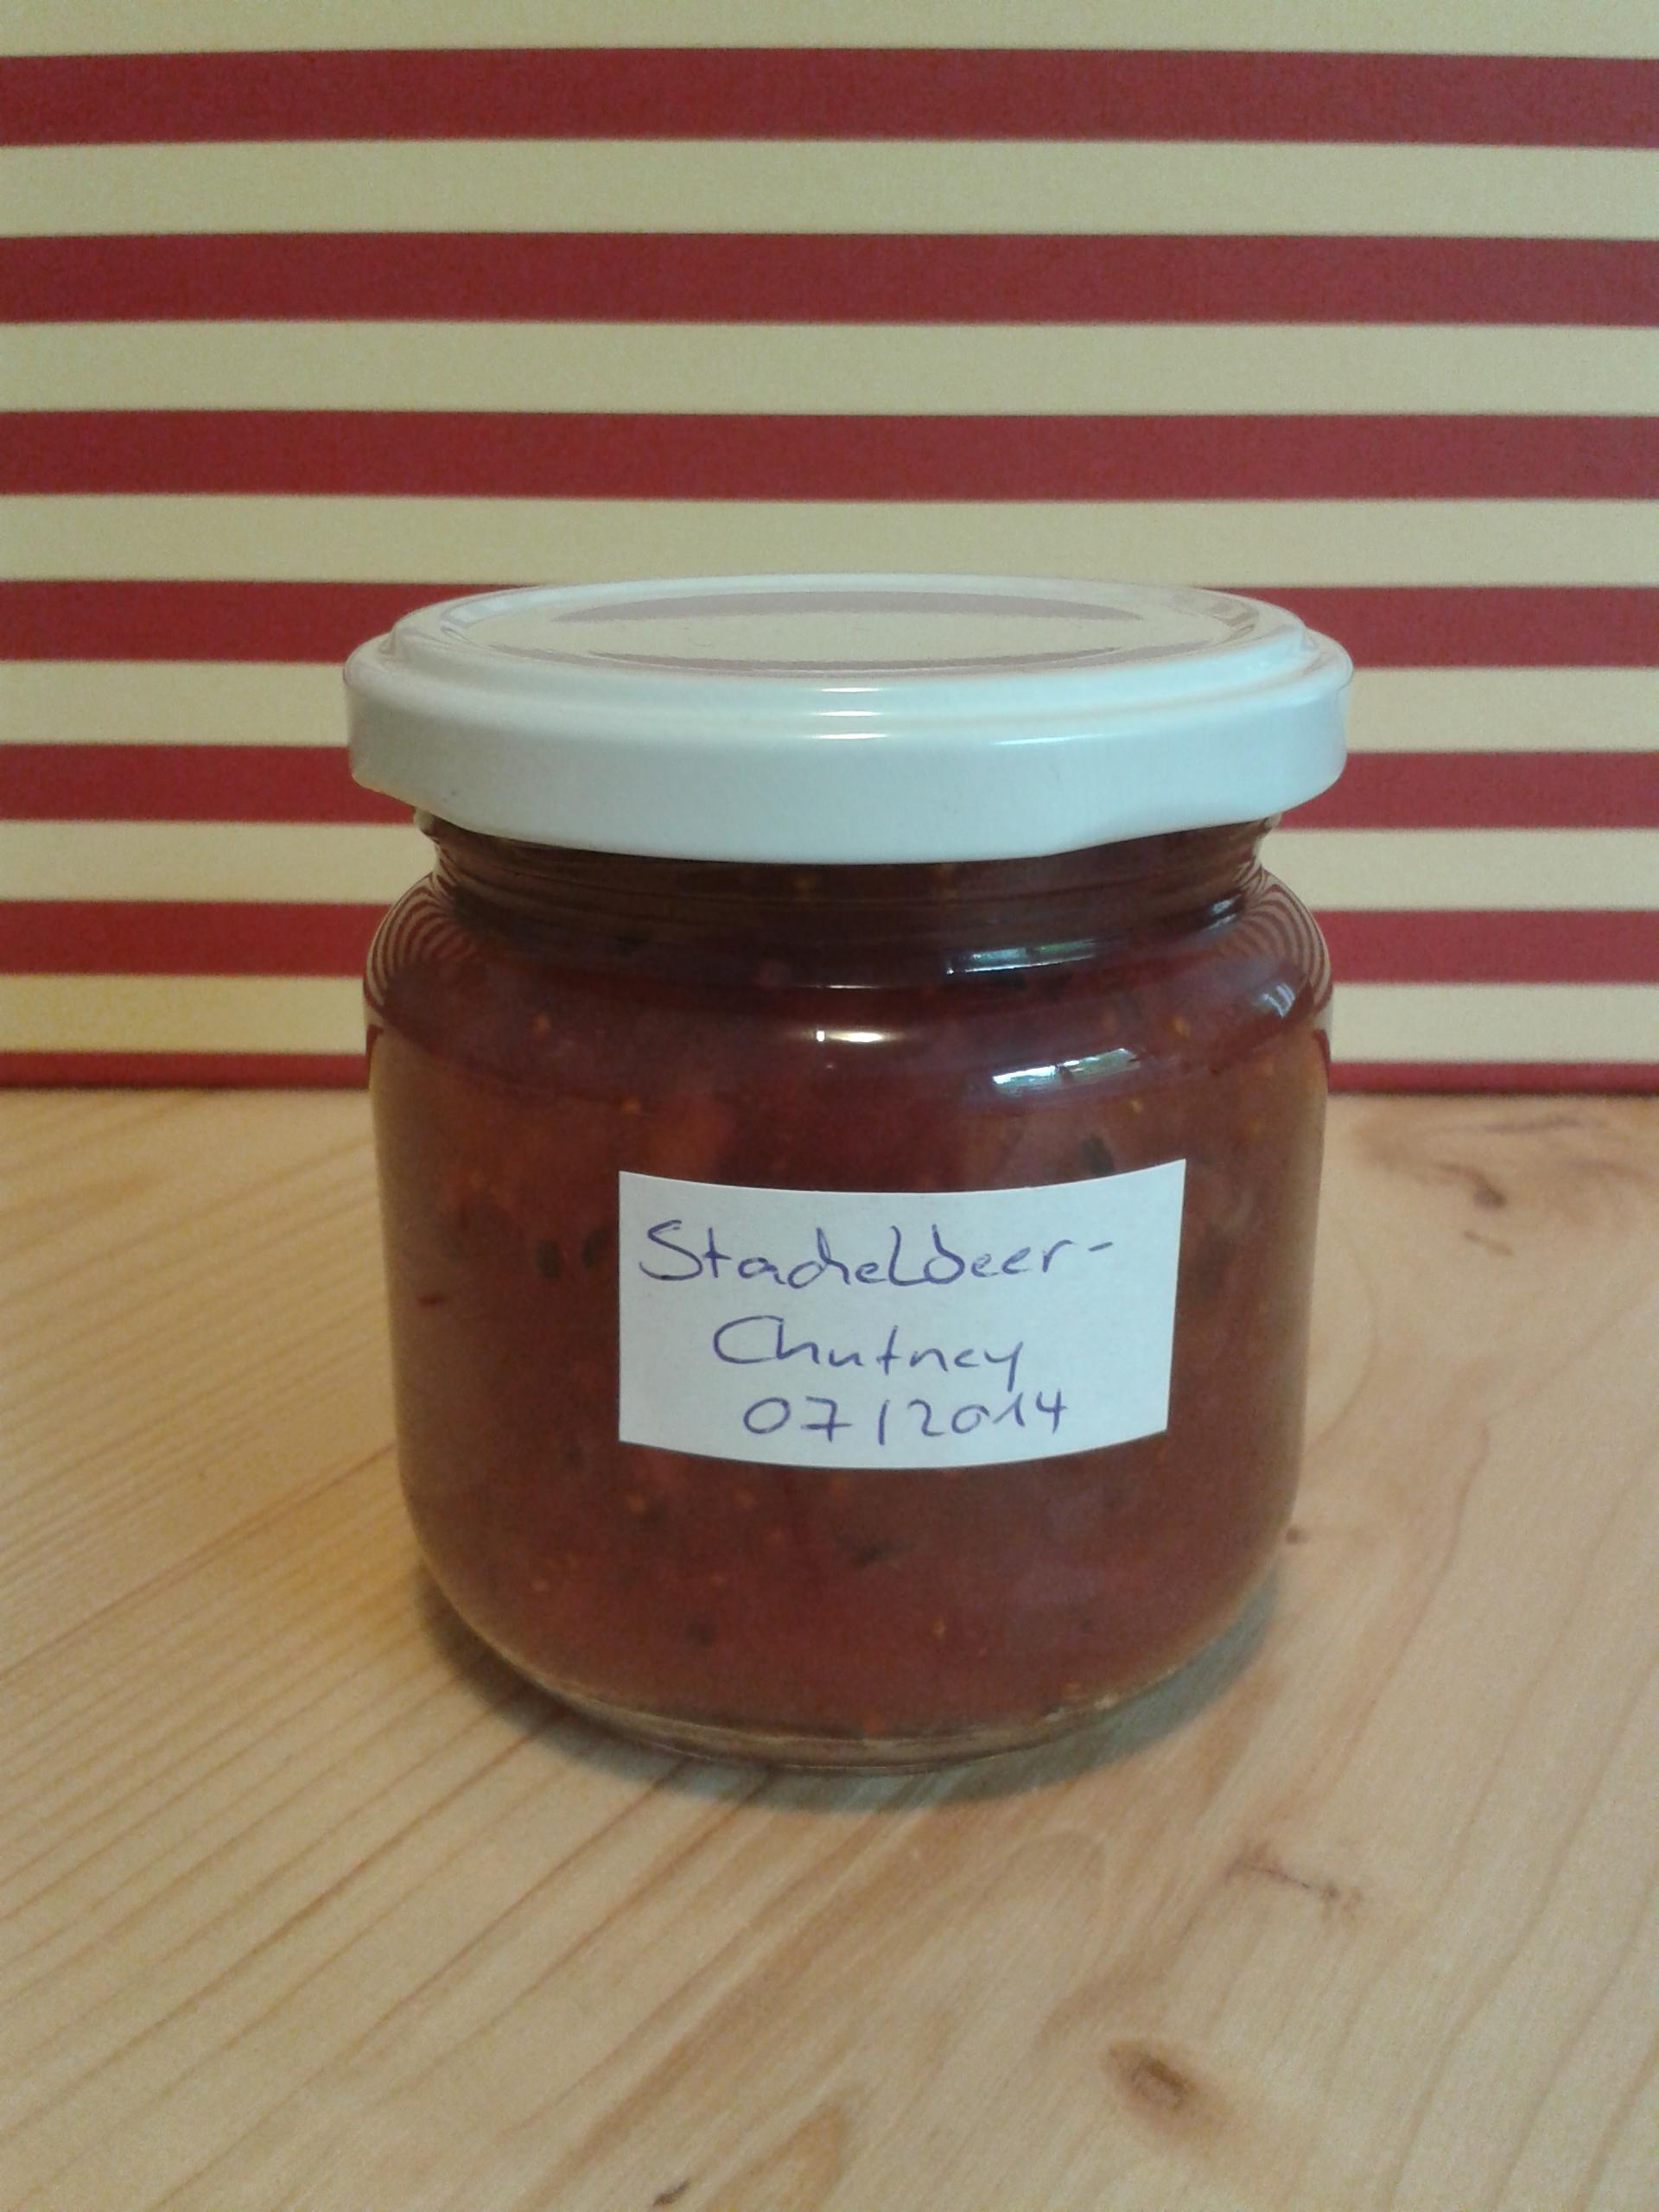 Stachelbeer-Chutney pefekt zum Grillen